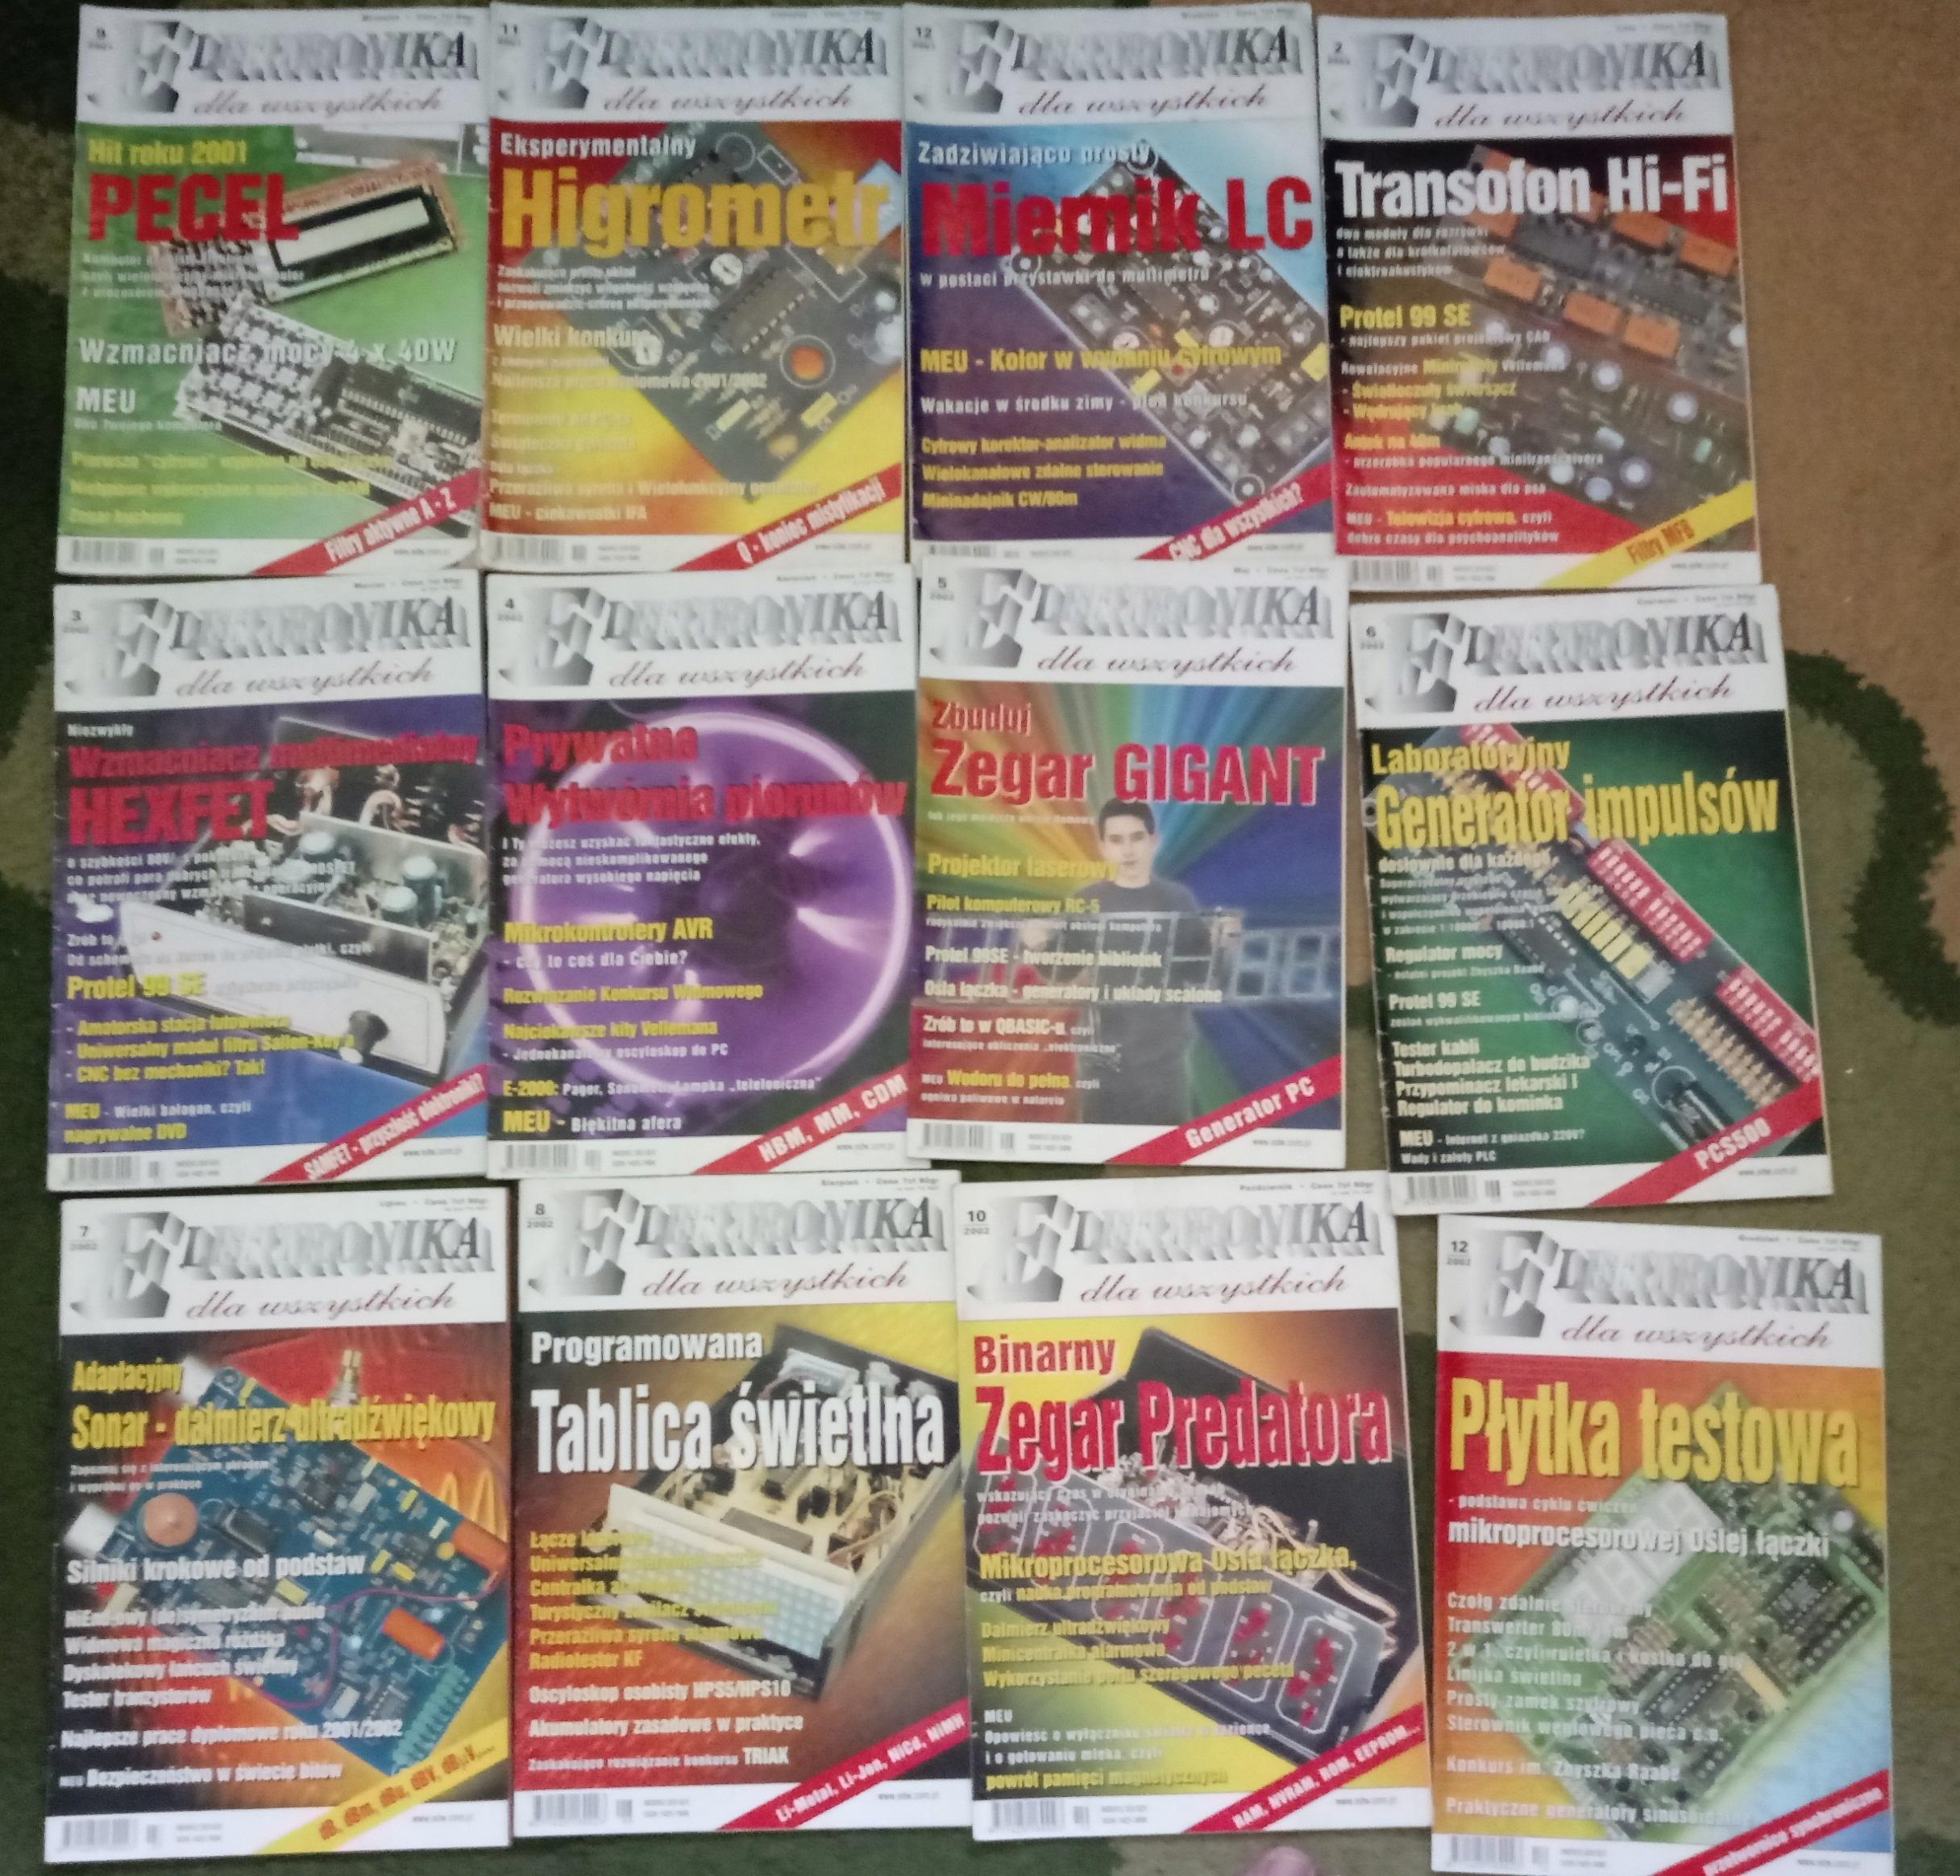 Miesięcznik Elektronika dla Wszystkich 12 numerów2